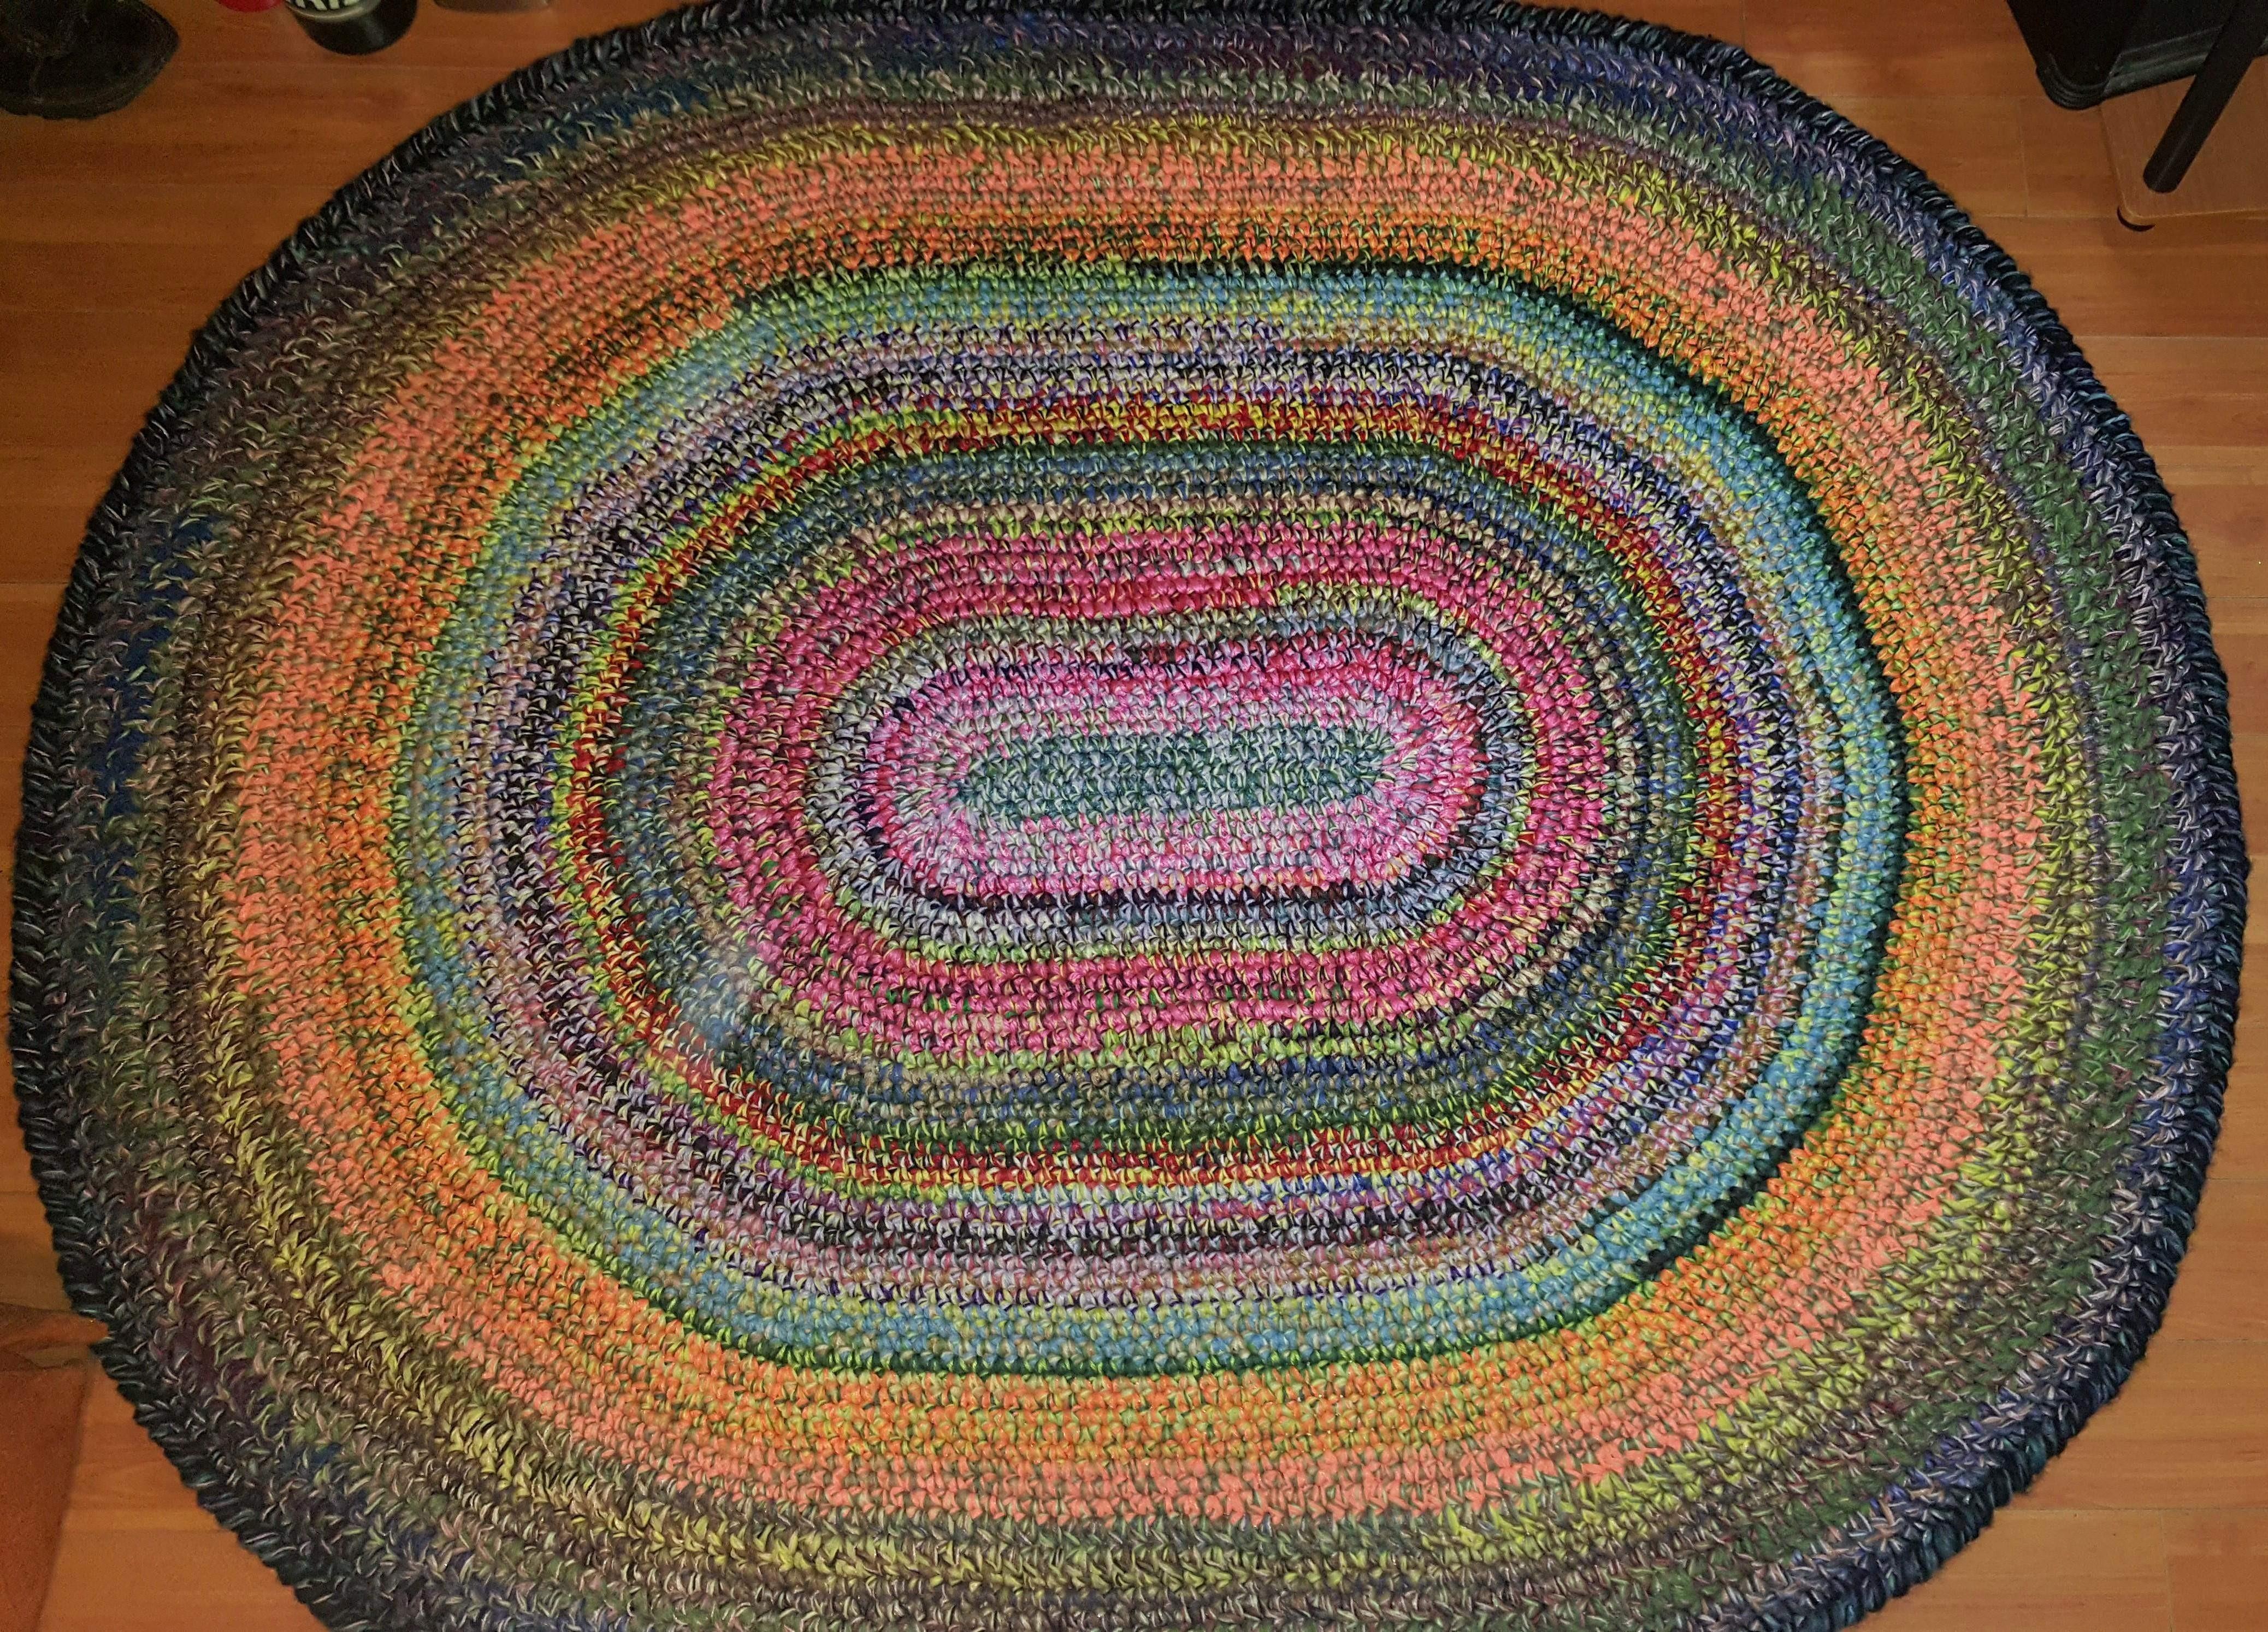 3 Motifs of Easy Crochet Oval Rug Pattern Crochet Oval Rug Pattern Awesome 41 Best Oval Area Rugs